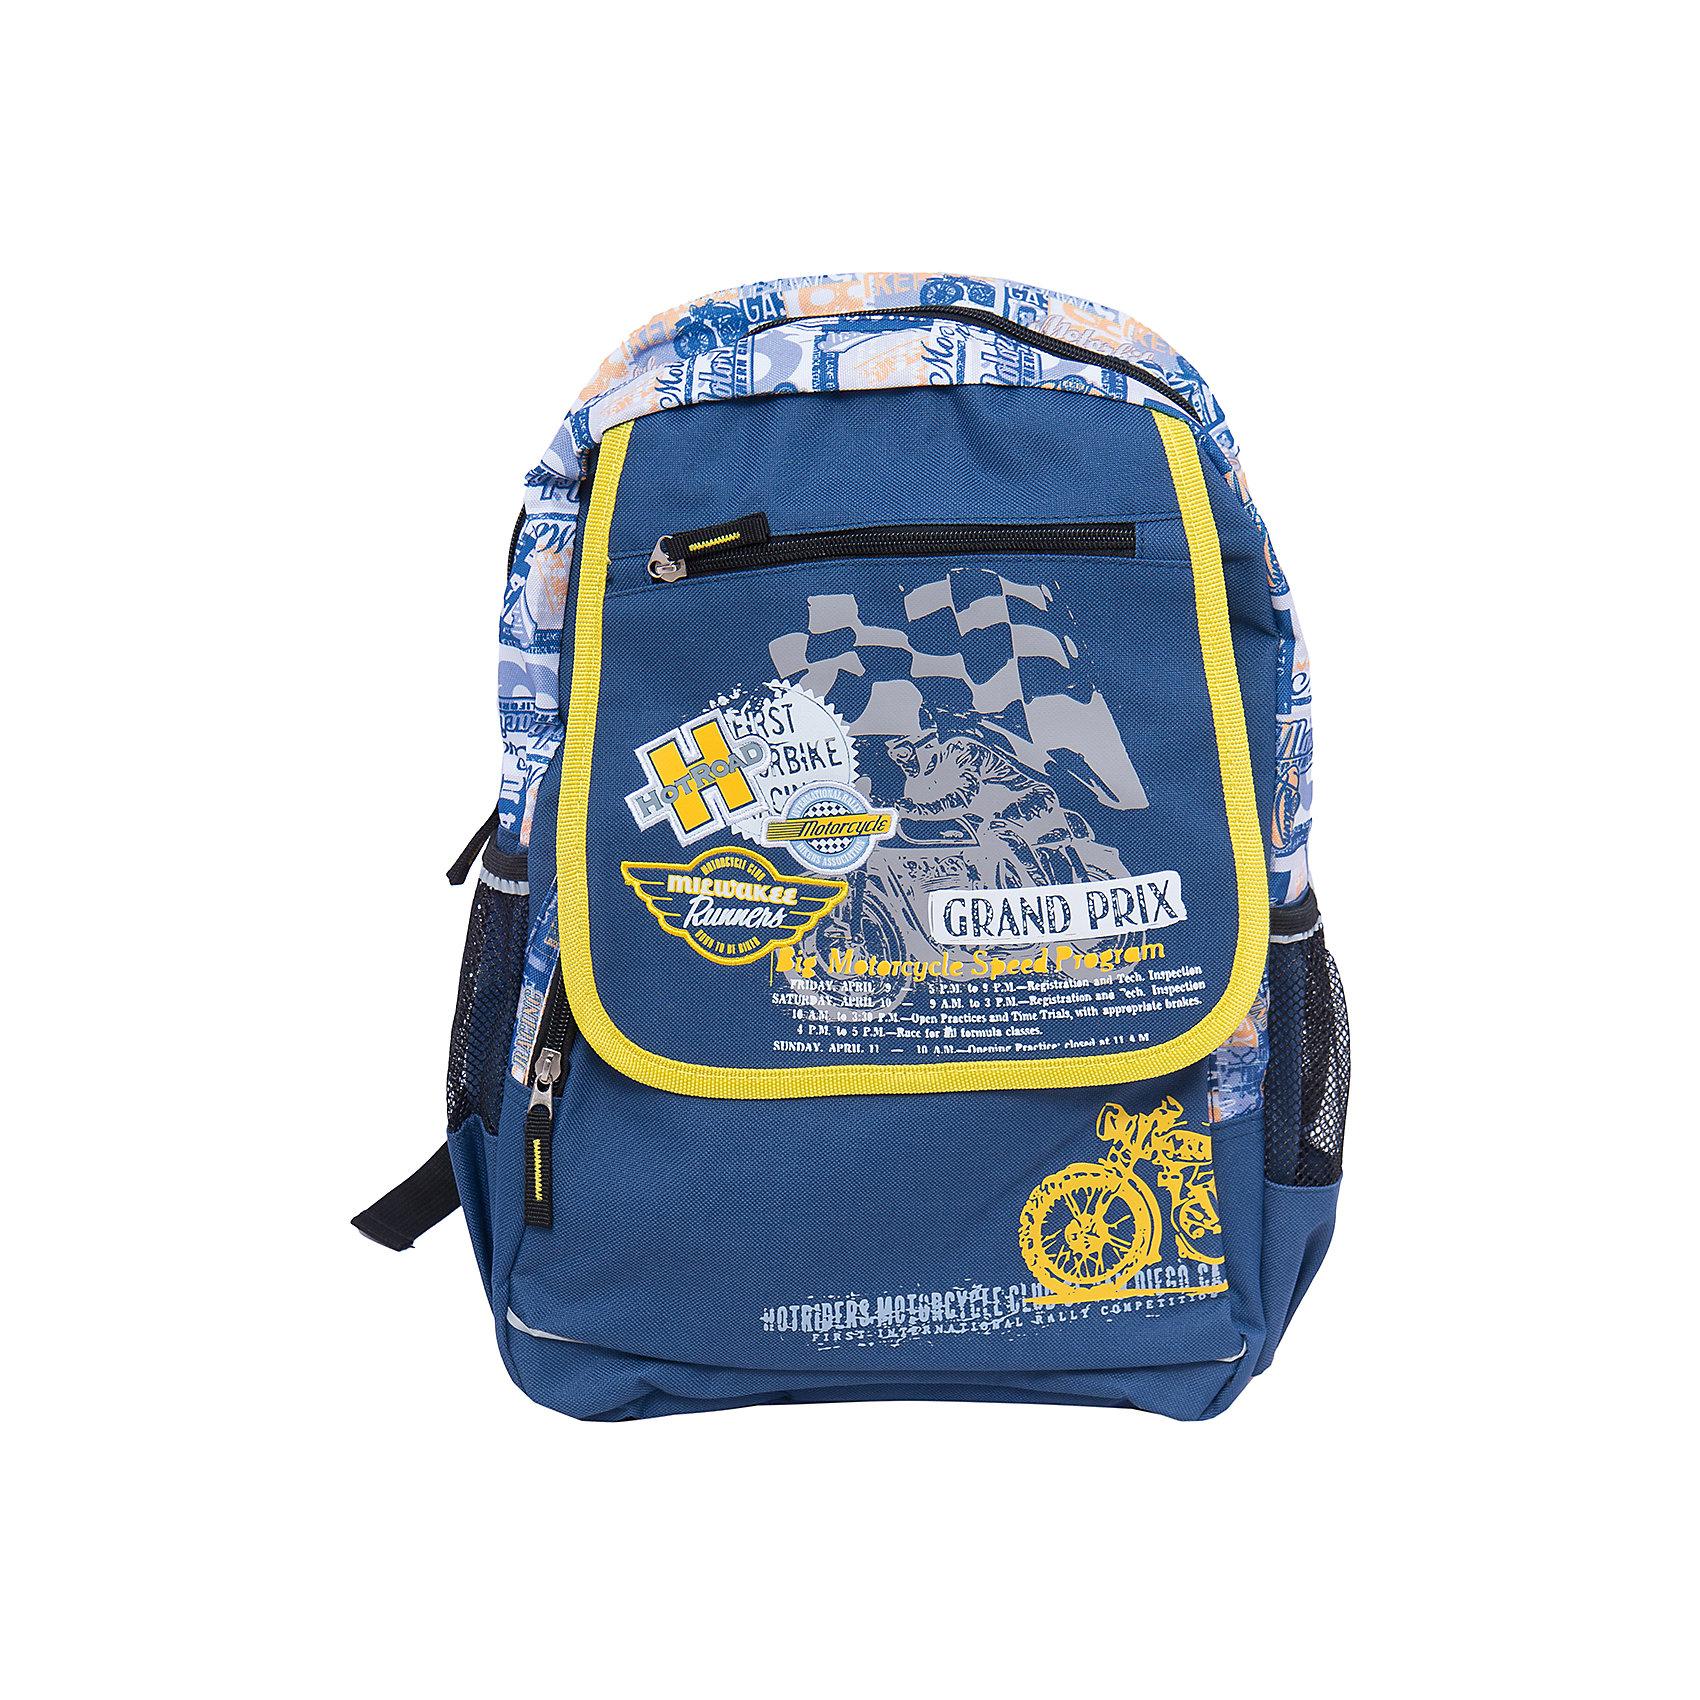 Школьный рюкзакРюкзак с оригинальным изображением идеально подходит для похода ребенка в школу. Он очень стильно выглядит и может вместить в себя всё необходимое для занятий. Главное - у него жесткая ортопедическая спинка, позволяющая формировать у ребенка правильную осанку.<br>В рюкзаке есть два удобных боковых кармана. На рюкзаке - удобные широкие лямки, и ручка для переноса. Застегивается на молнию. Изделие произведено из качественных и безопасных для ребенка материалов.<br><br>Дополнительная информация:<br><br>цвет: синий;<br>материал: полиэстер;<br>вес: 520 г;<br>широкие лямки;<br>жесткая ортопедическая спинка;<br>размеры: 48х28х13 см;<br>боковые карманы.<br><br>Школьный рюкзак можно купить в нашем магазине.<br><br>Ширина мм: 190<br>Глубина мм: 280<br>Высота мм: 480<br>Вес г: 520<br>Возраст от месяцев: 72<br>Возраст до месяцев: 144<br>Пол: Мужской<br>Возраст: Детский<br>SKU: 4743951